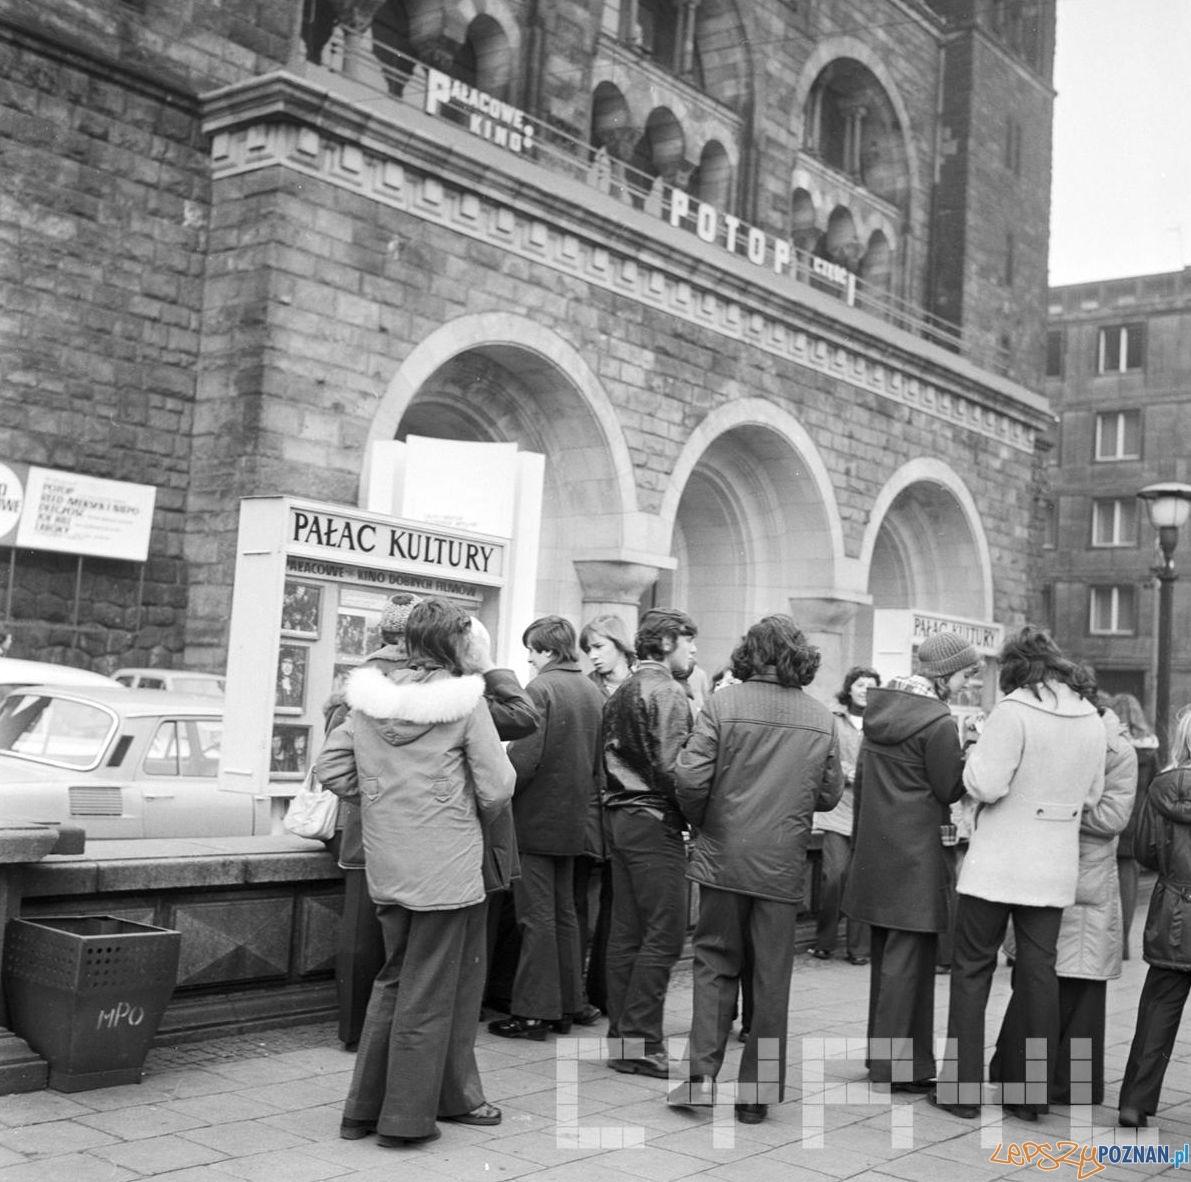 Pałac Kultury - w kinie Potop - 13.11.1974